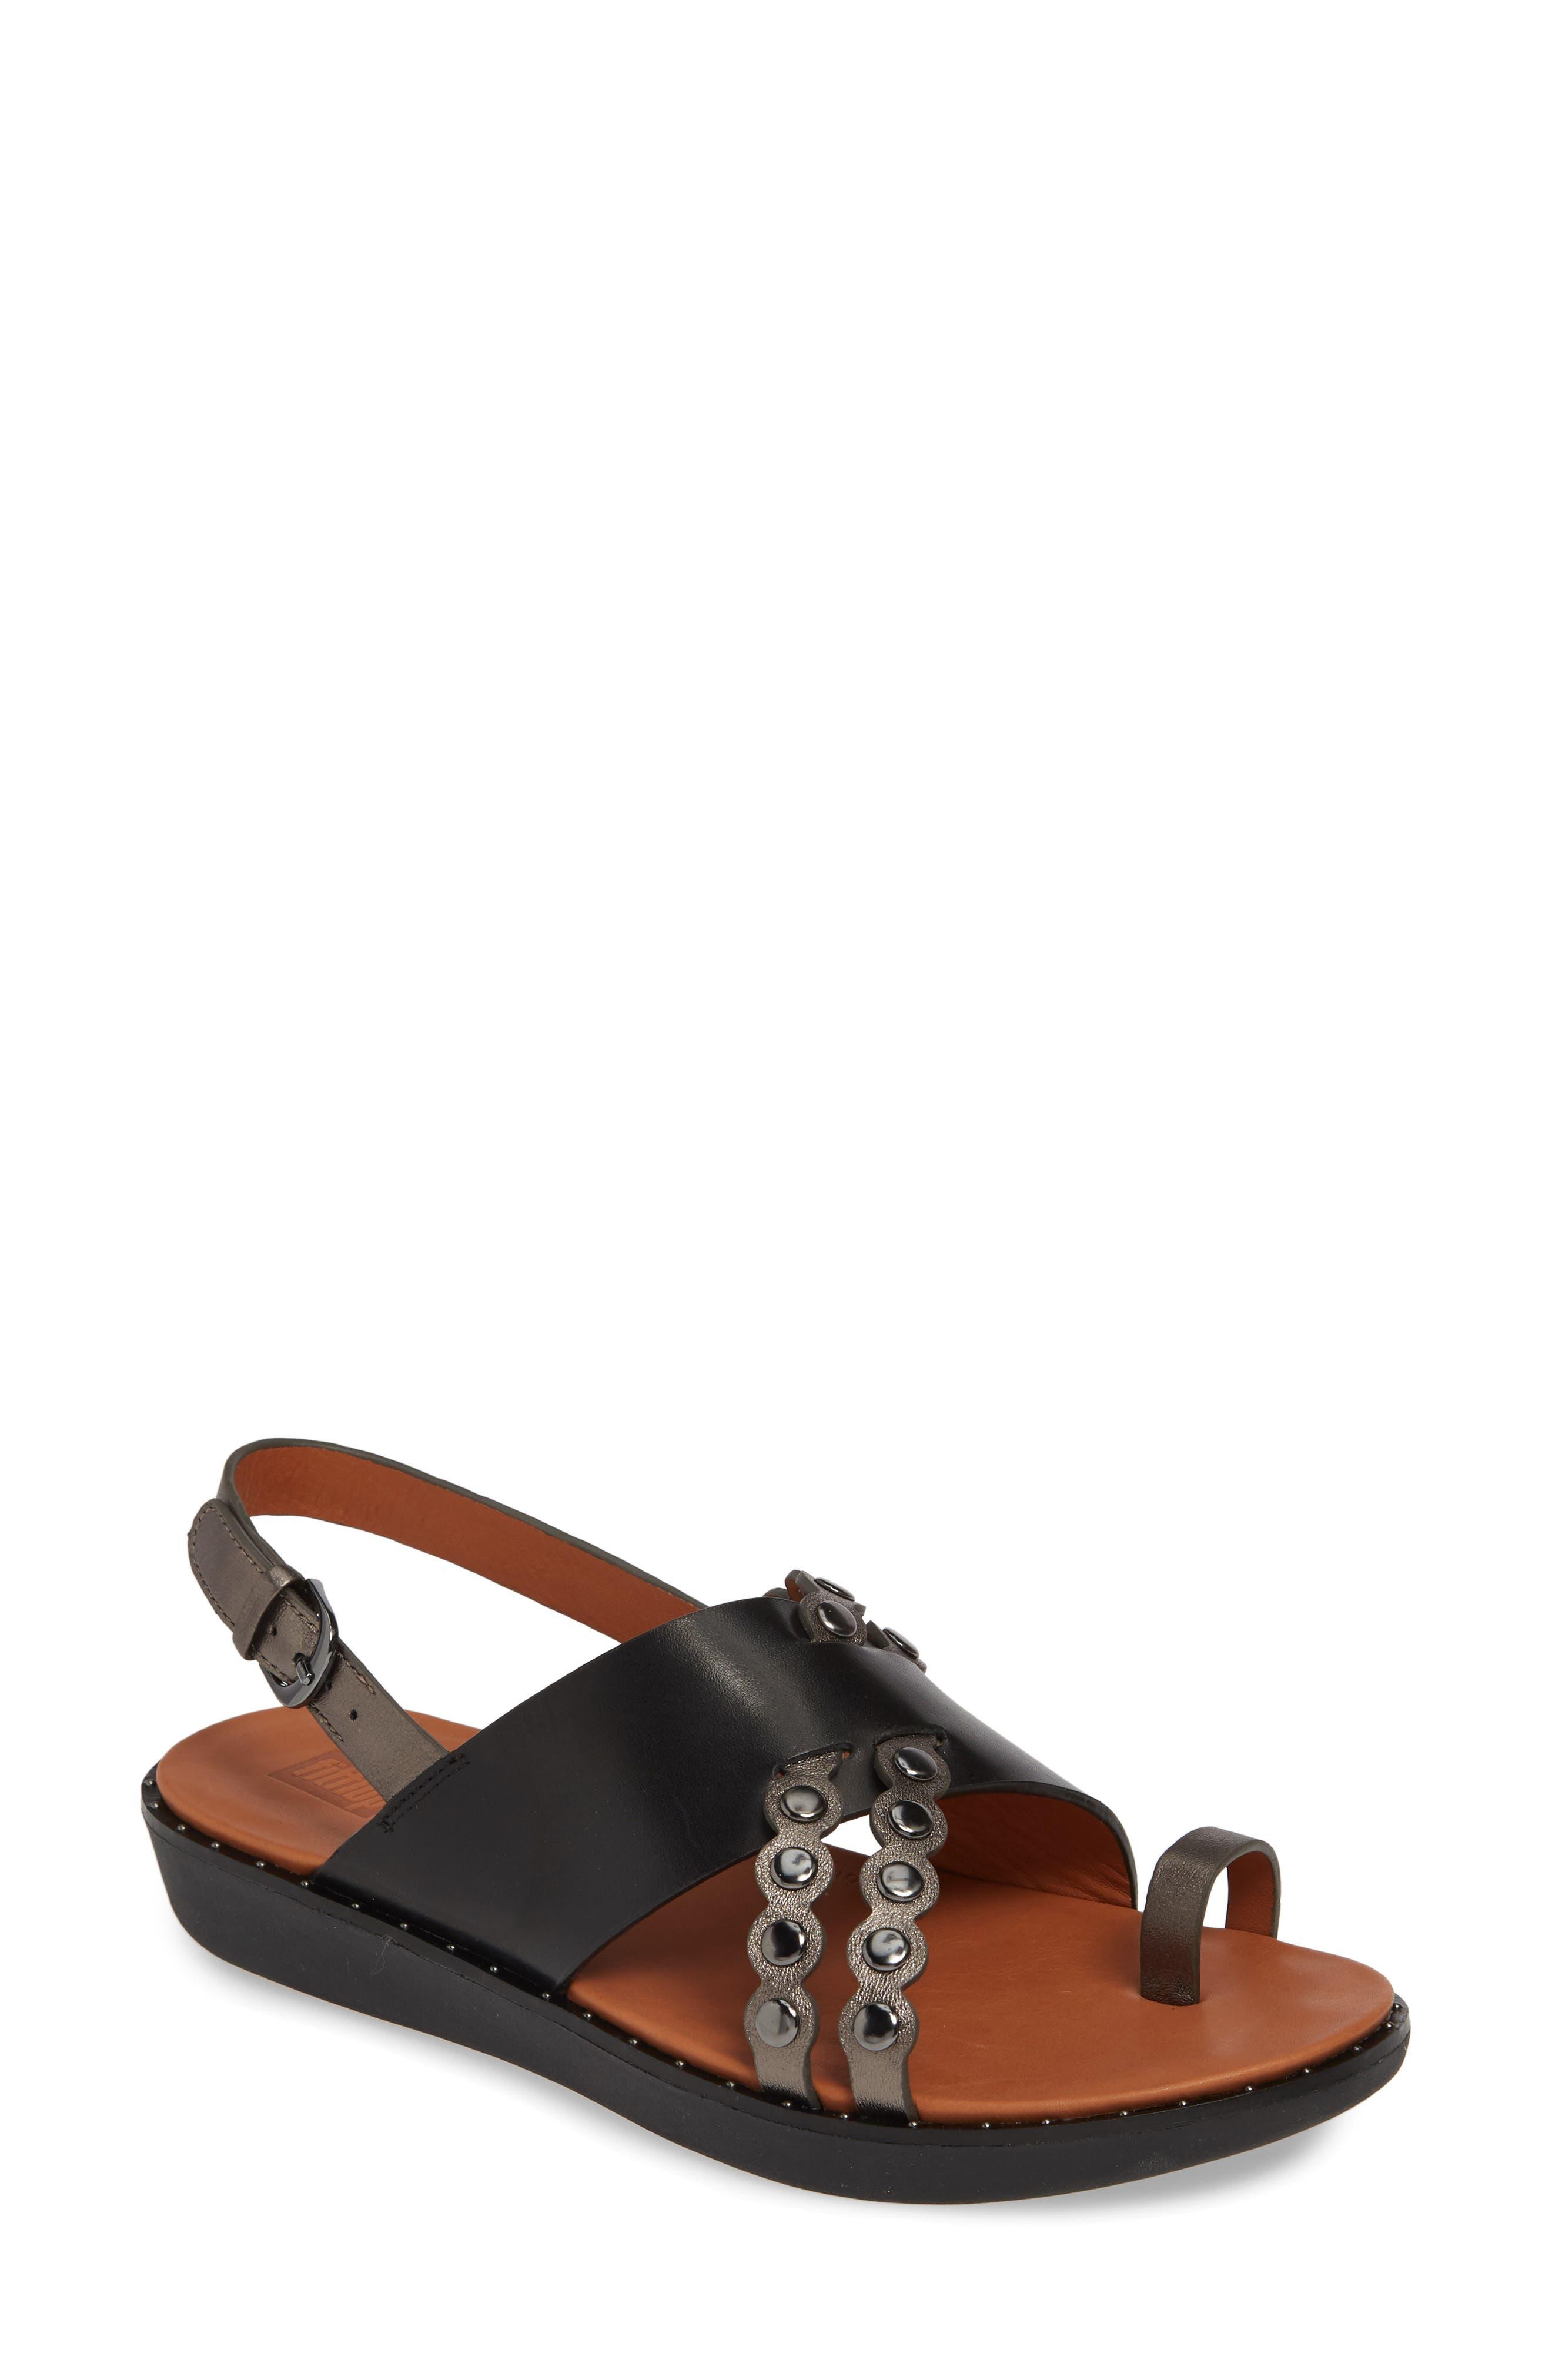 Scallop Embellished Sandal, Main, color, 001